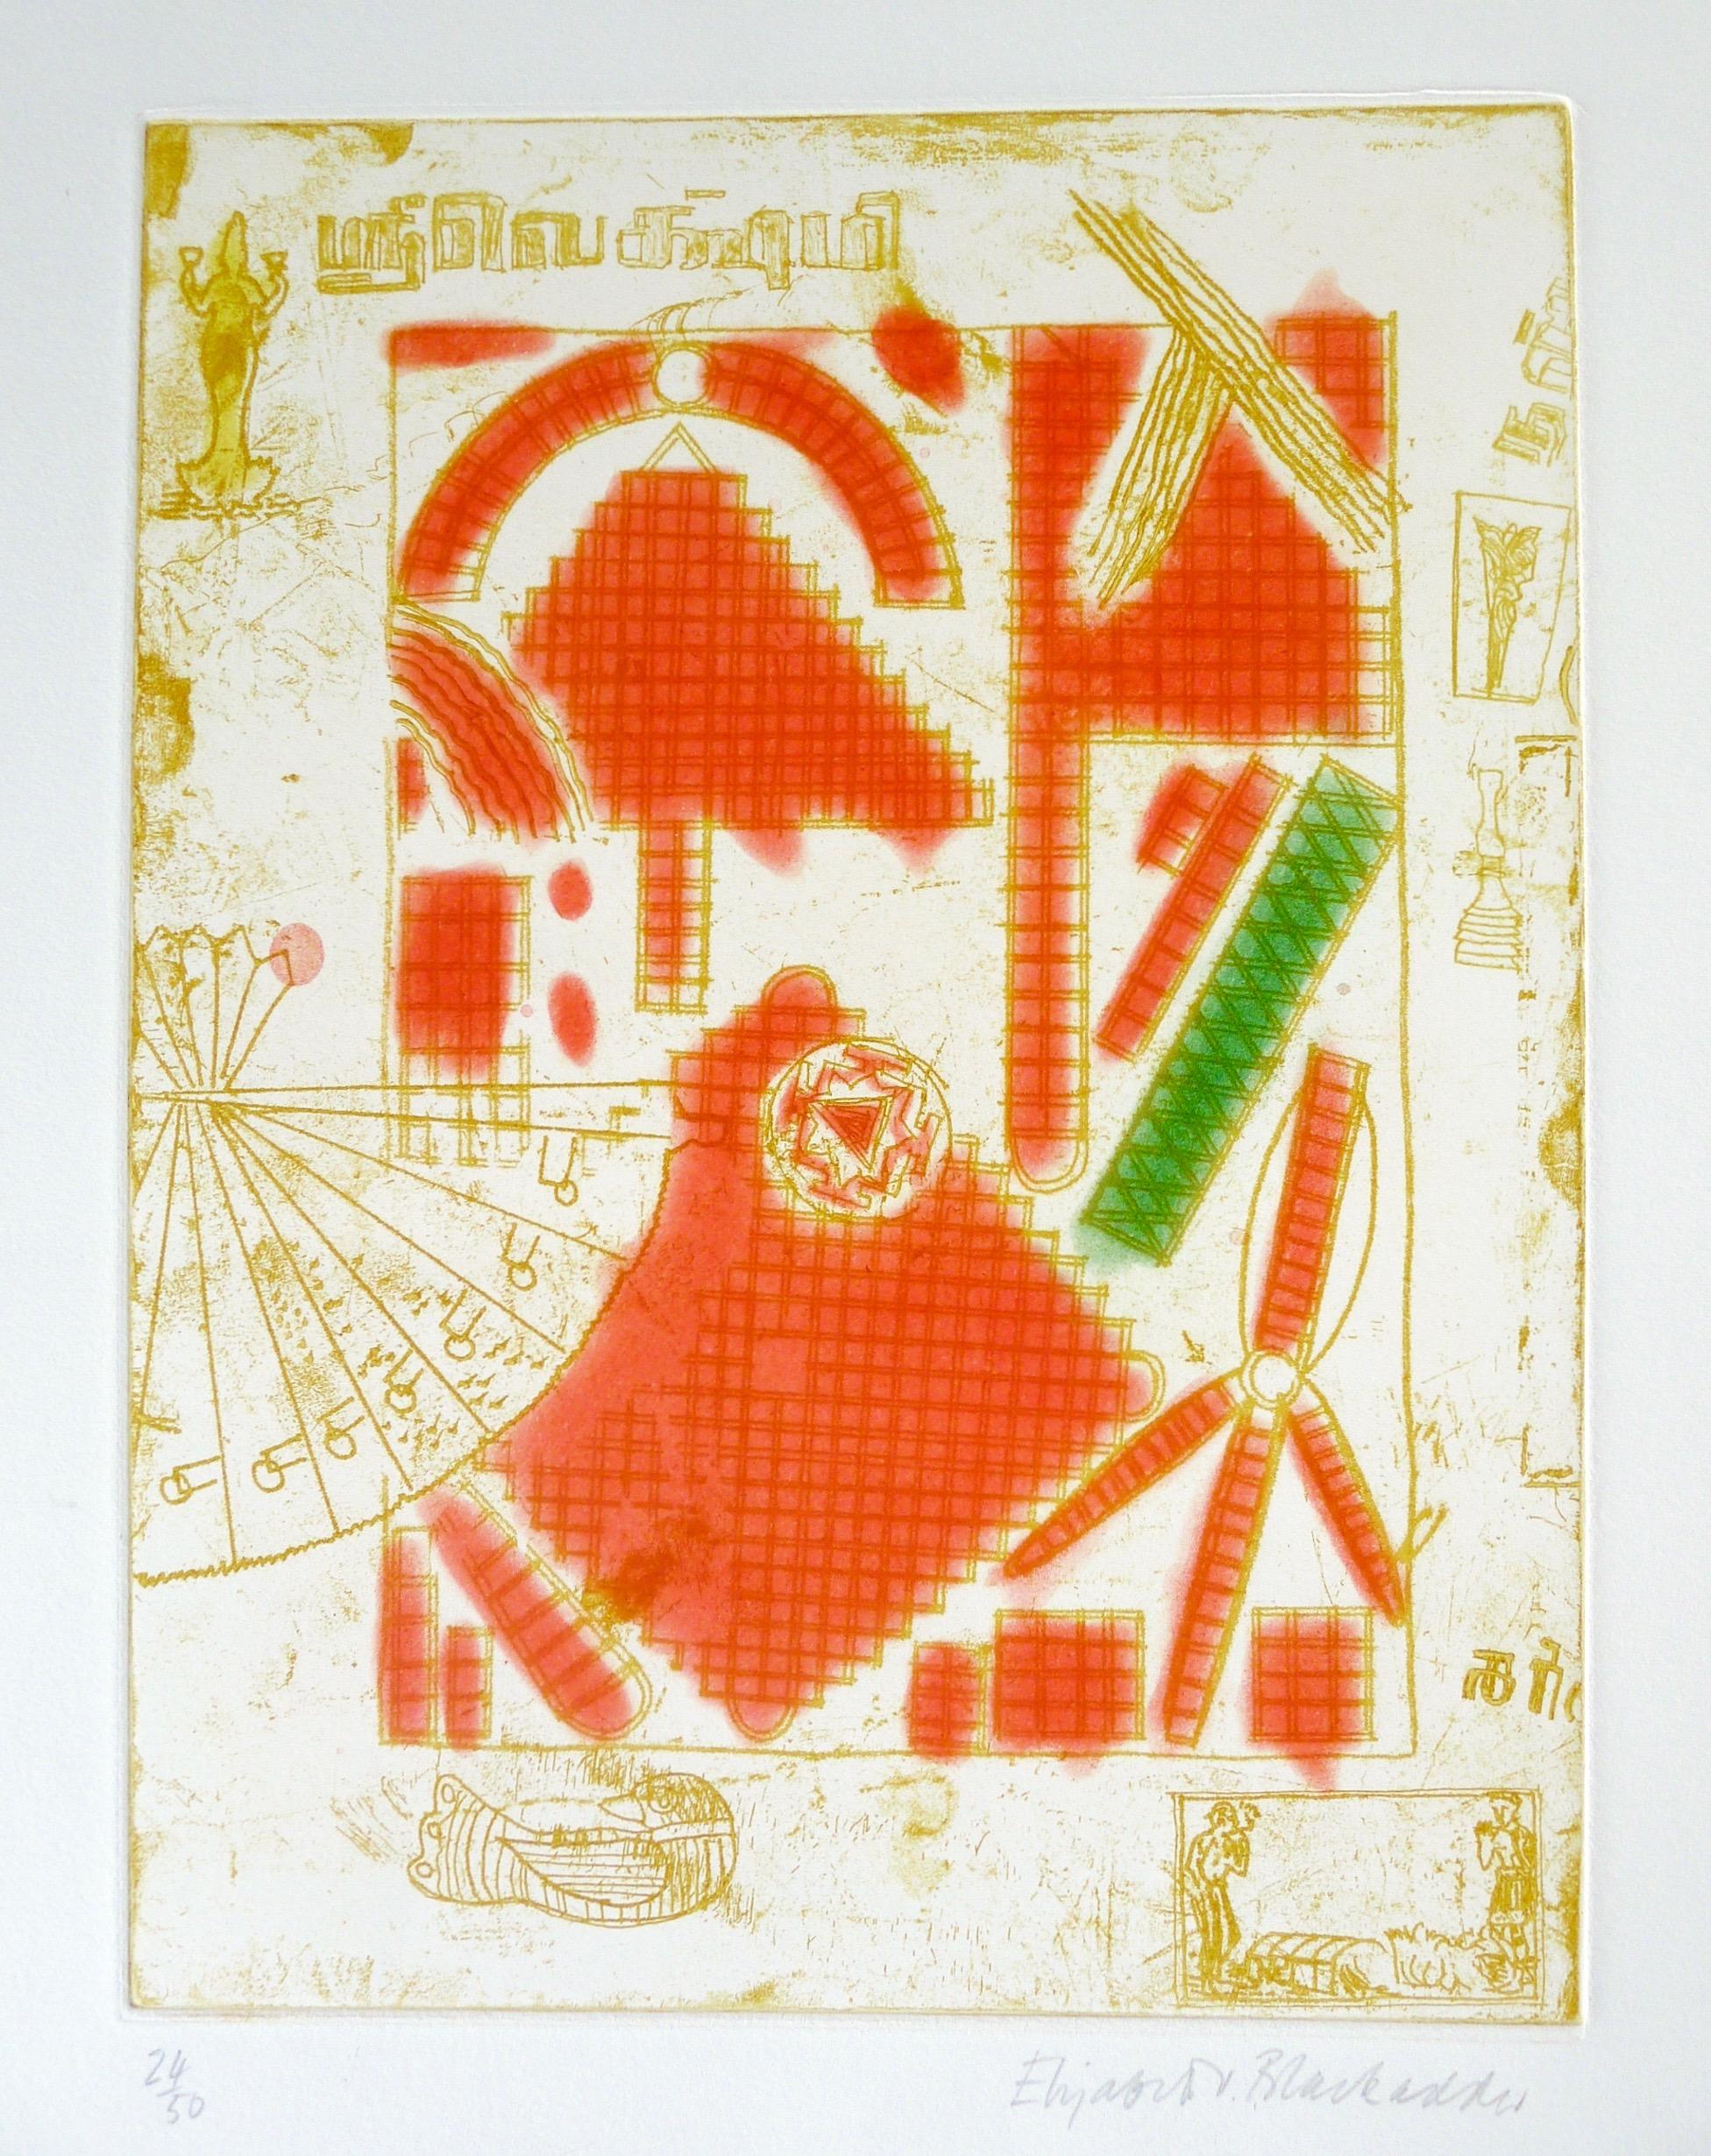 ELIZABETH BLACKADDER DBE RA RSA [b.1931]. Indian Still Life, 1987. Etching and aquatint on